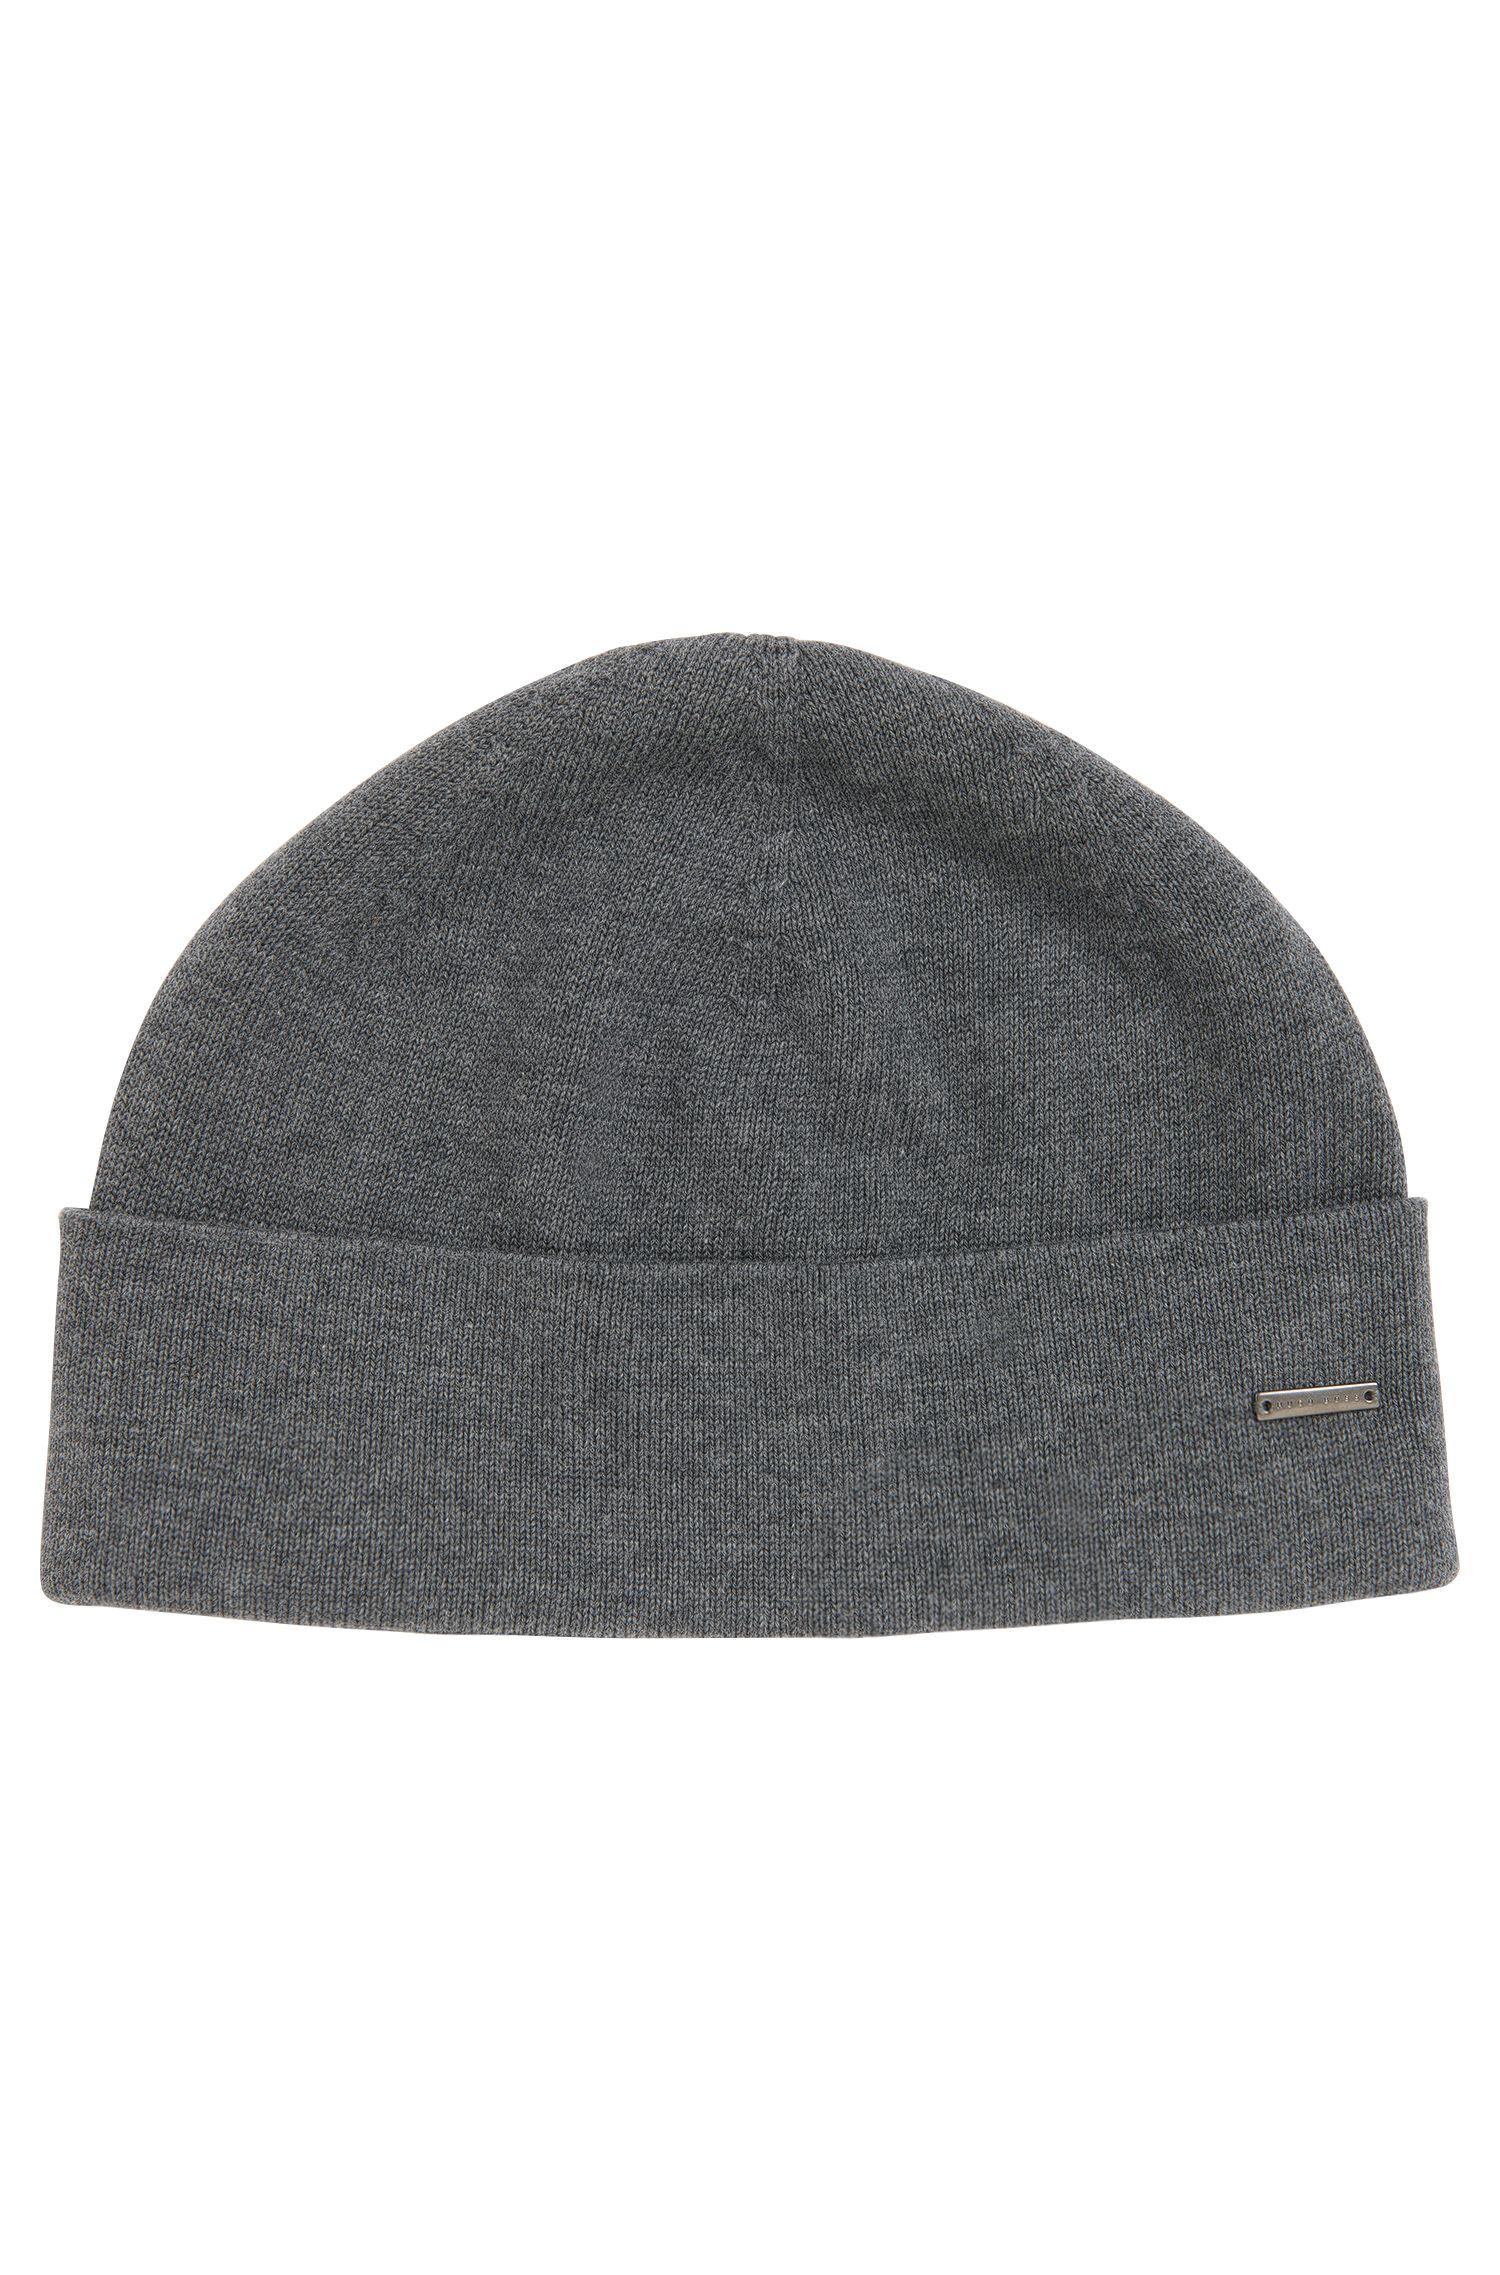 'Hiraldo'   Cotton Knit Beanie Cap